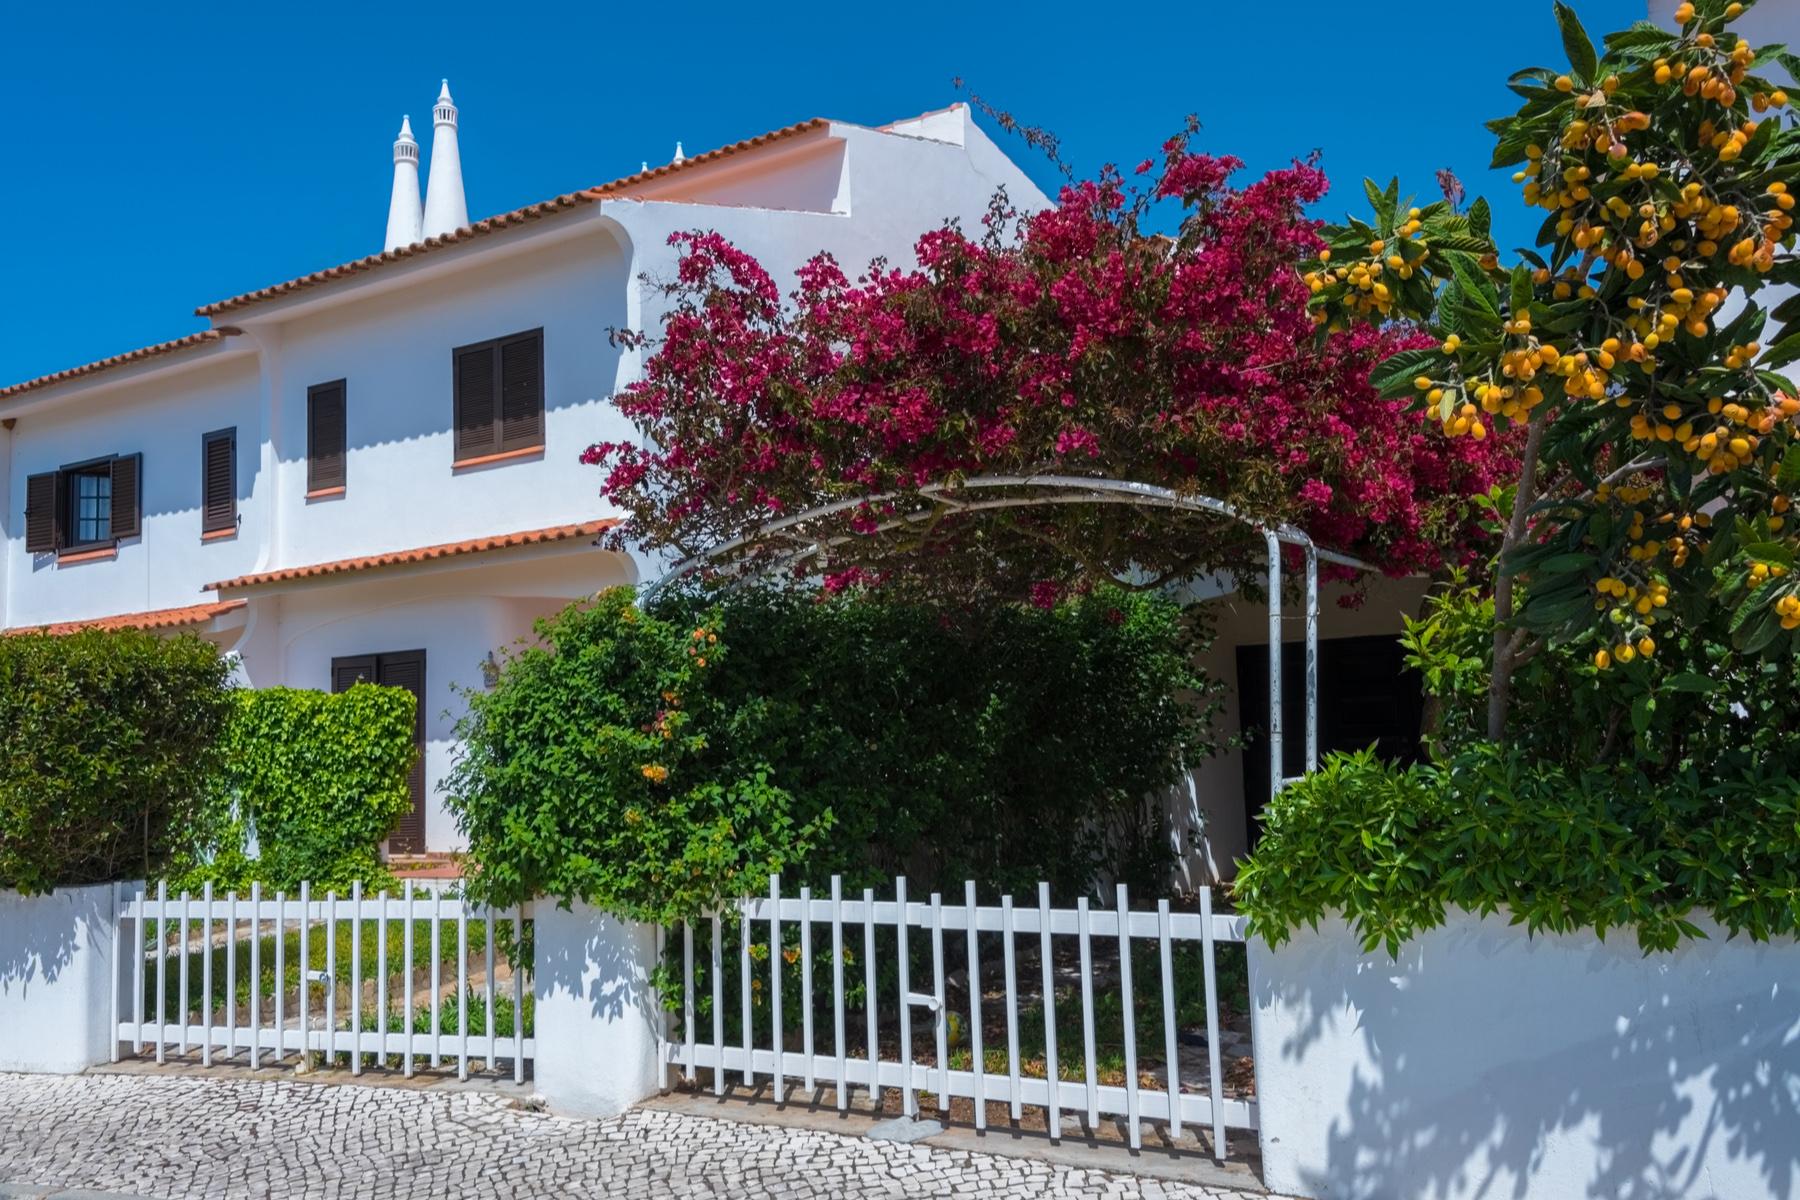 An estate in Portugal